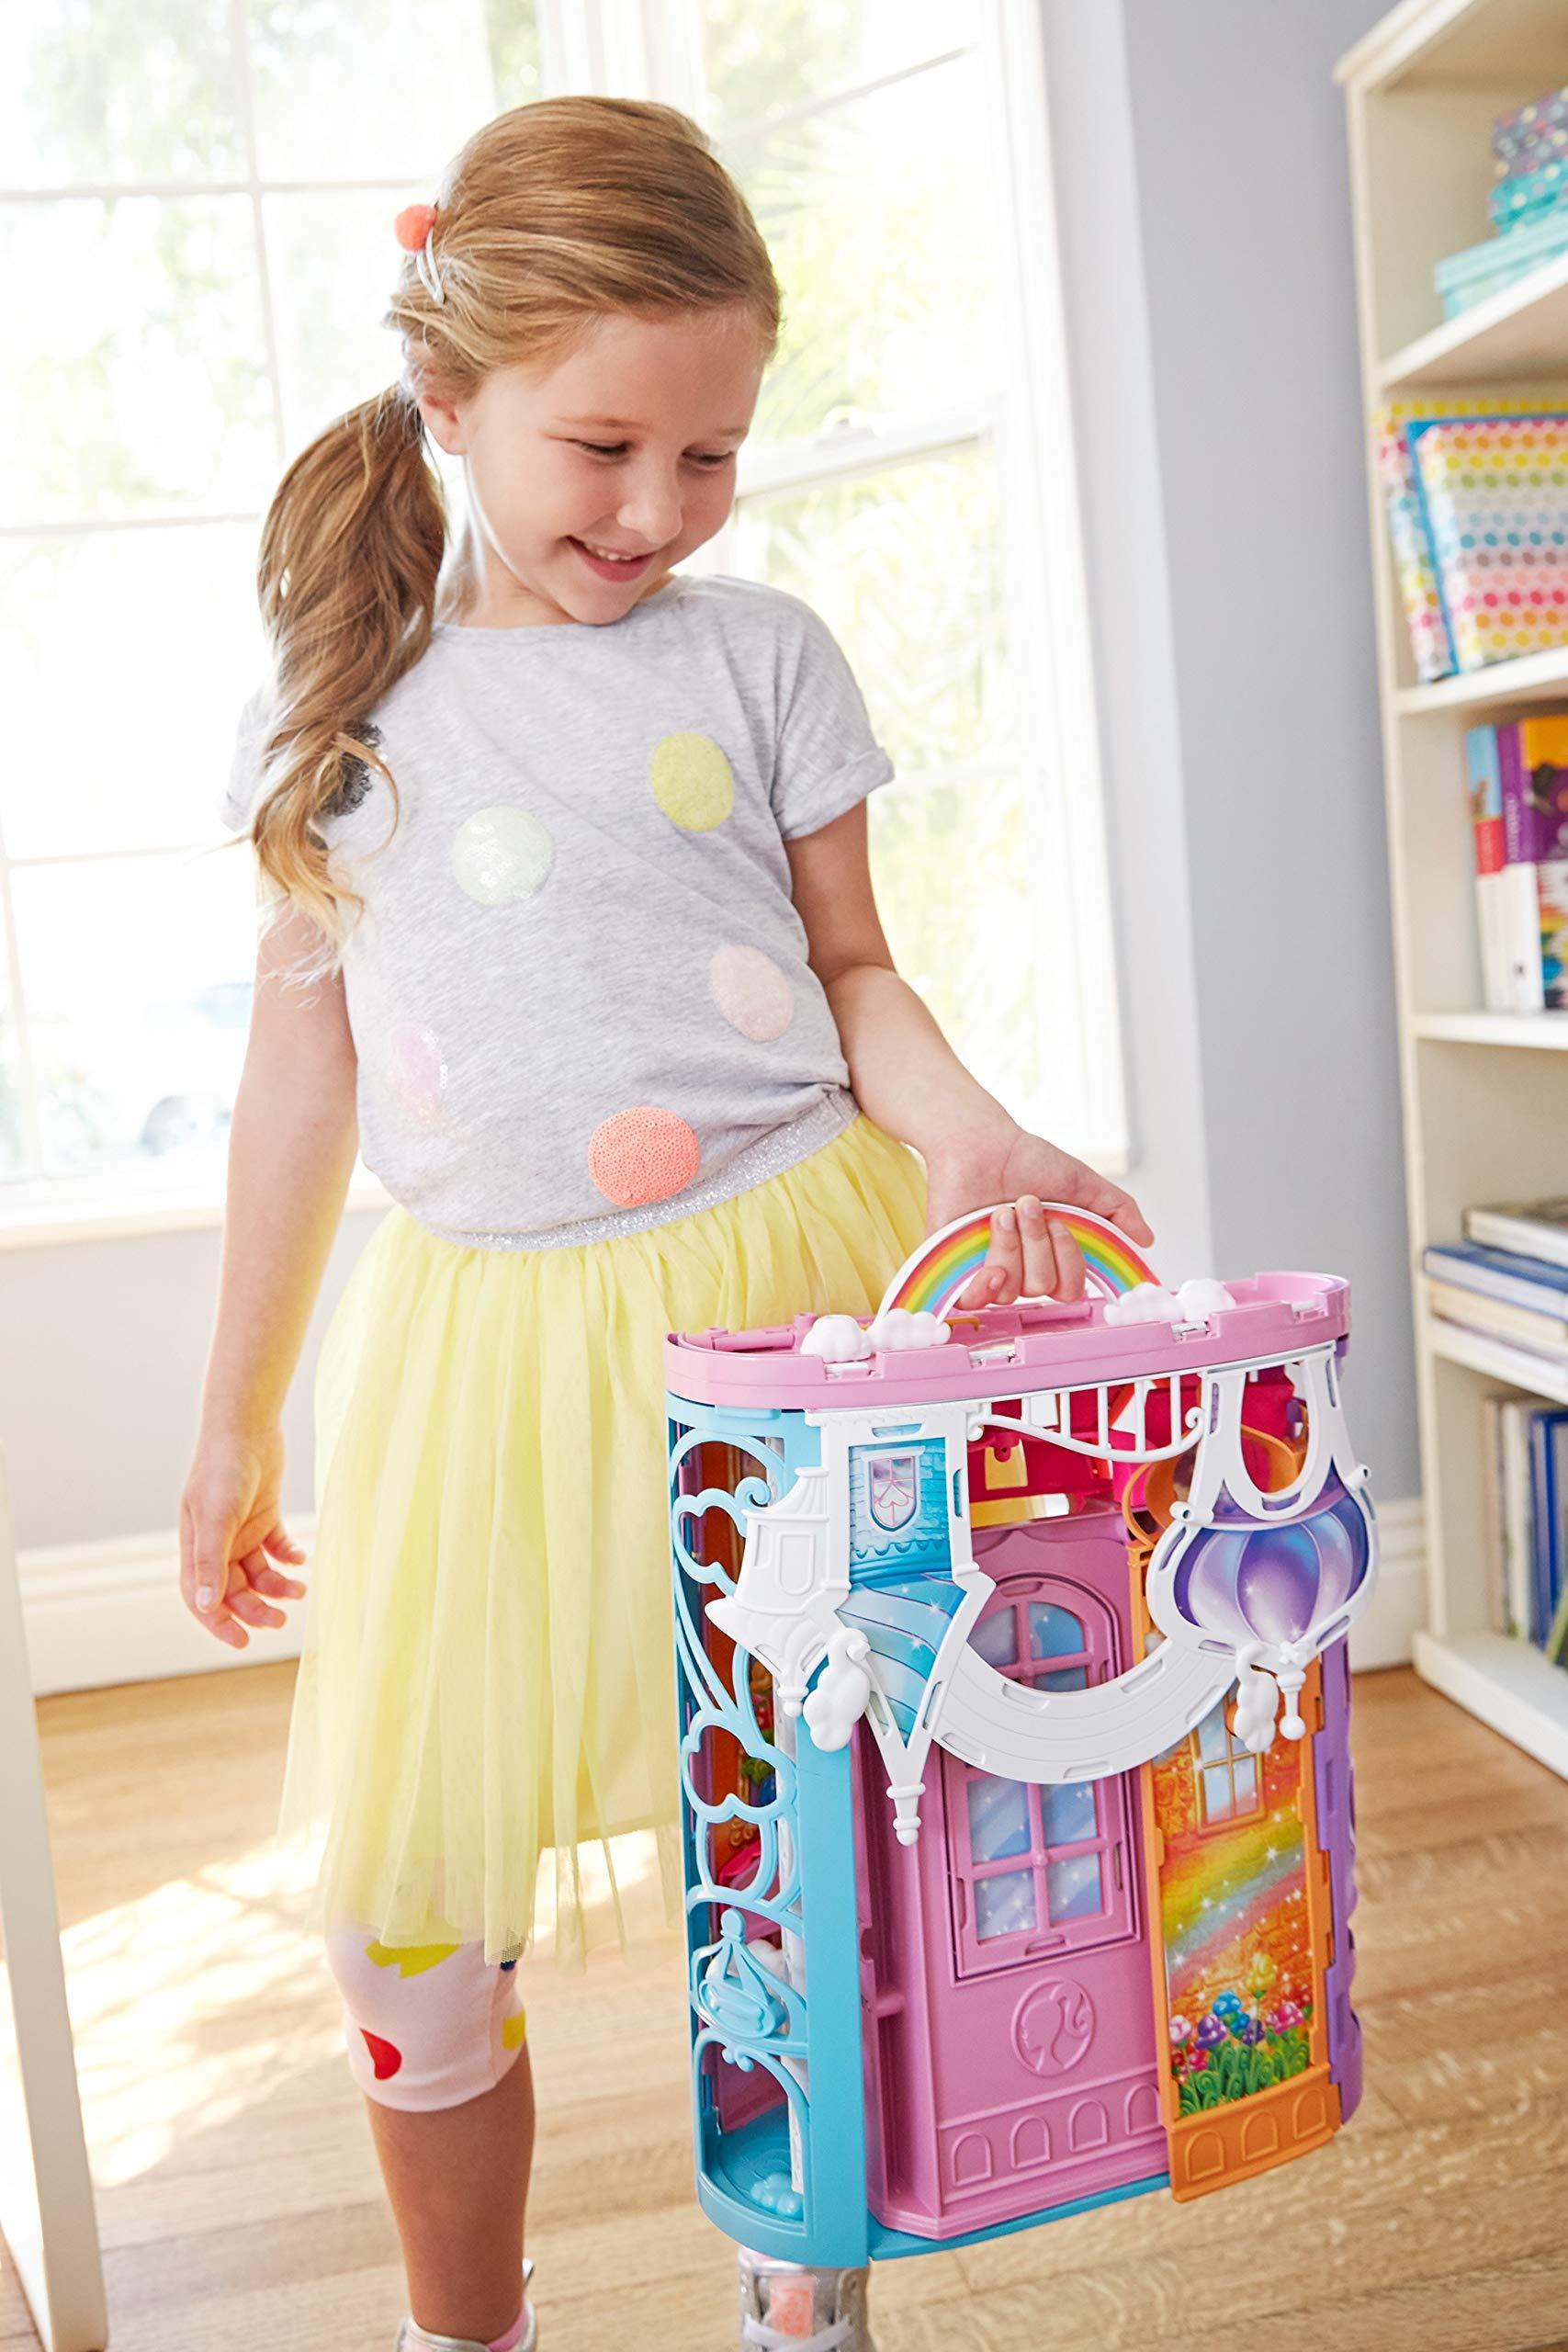 Barbiepuppen & Zubehör /Mattel Puppen & Zubehör Mattel FTV98 Barbie Dreamtopia Schloss